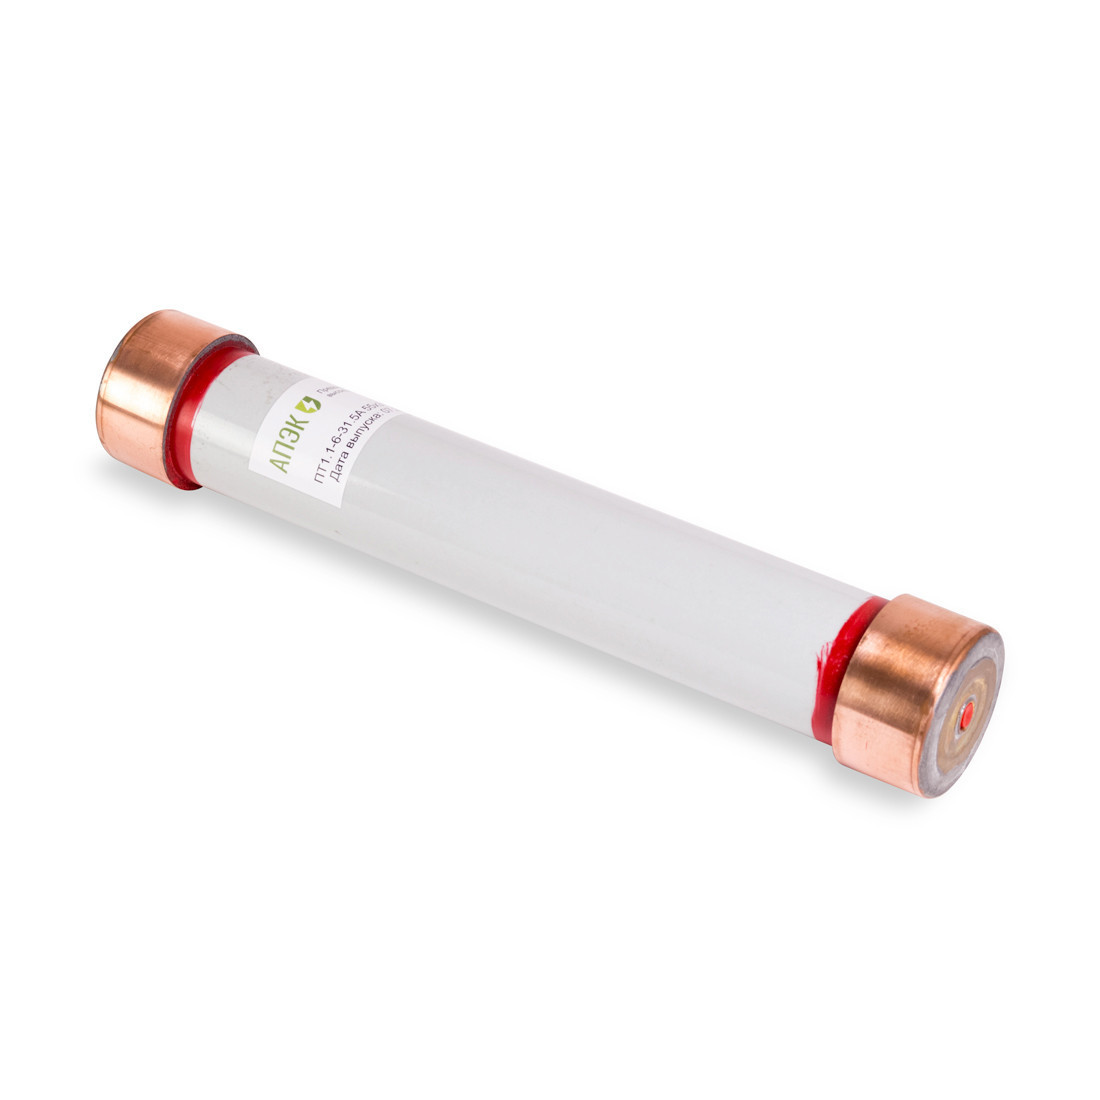 Предохранитель высоковольтный АПЭК ПT1.1-10-16A 55х412 мм 10 кВ одинарный